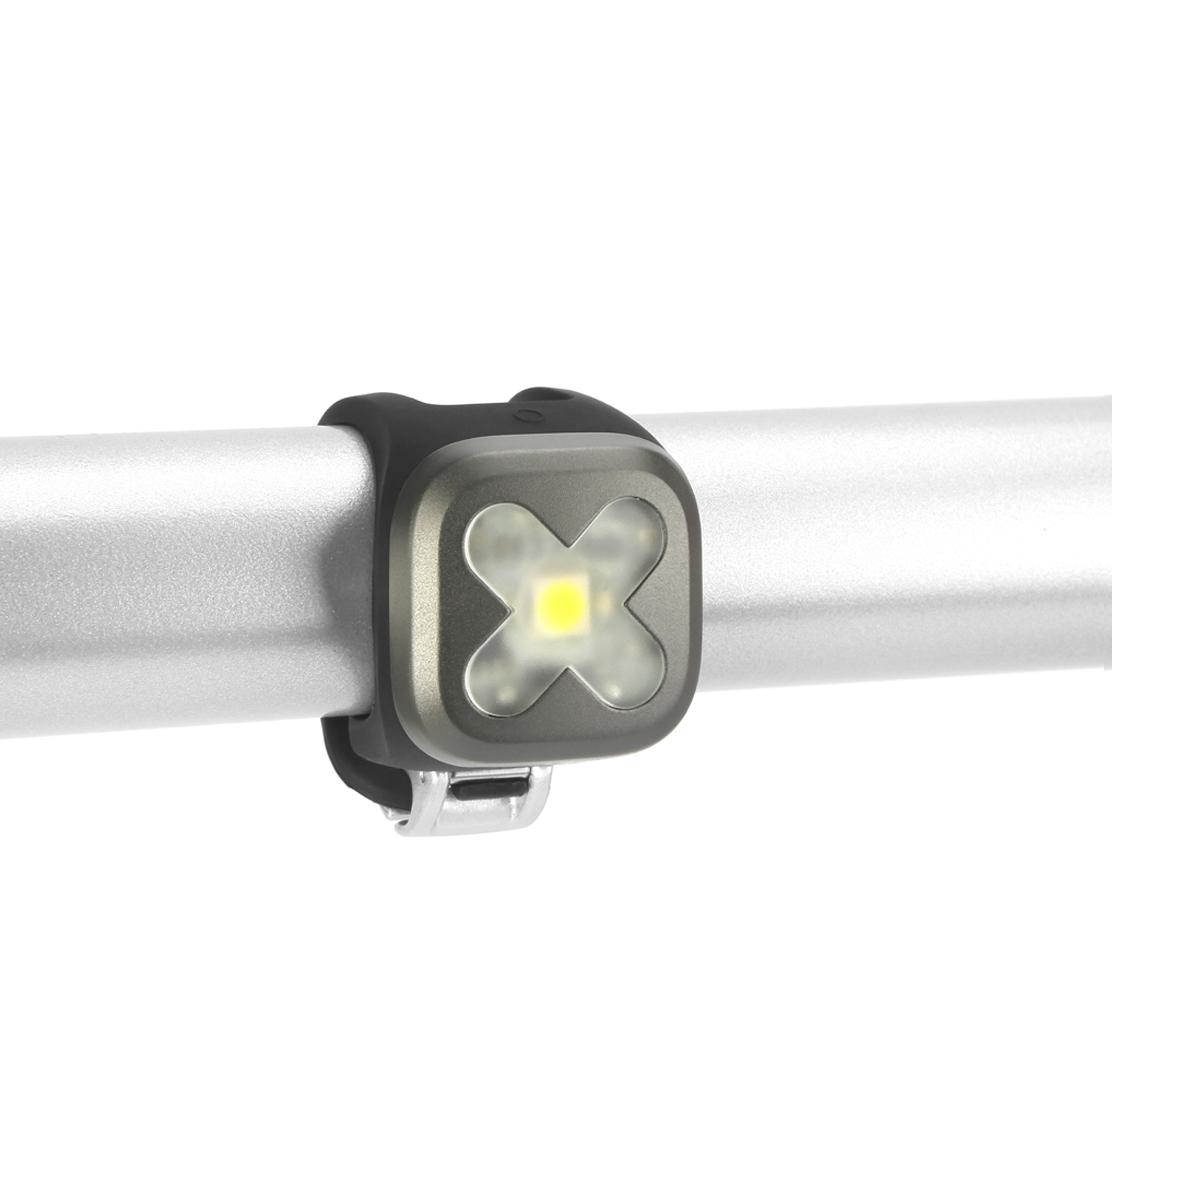 Éclairage arrière Knog Blinder croix 1 LED - Bronze